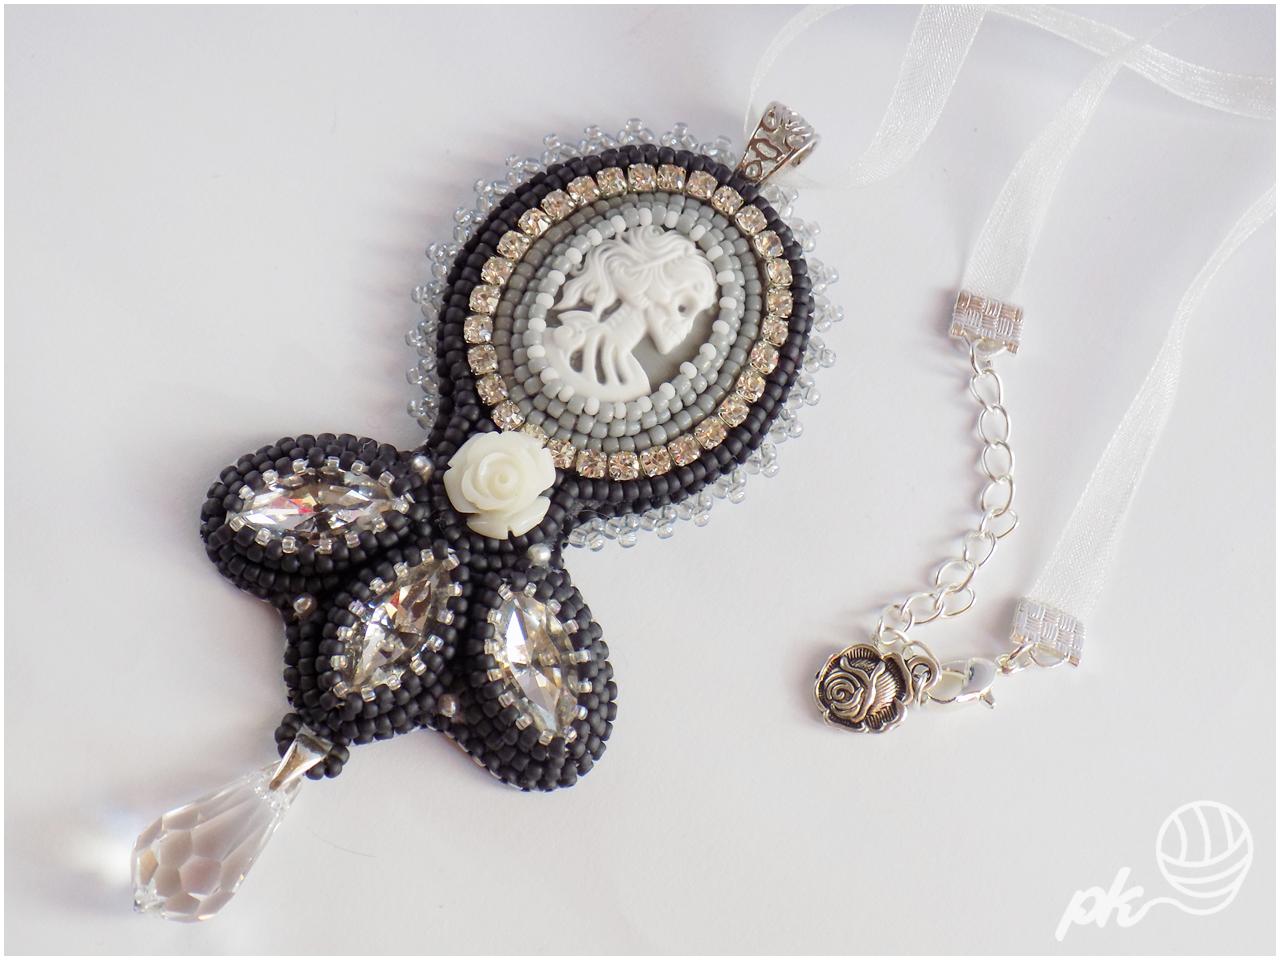 Gotycko-romantyczny wisior wykonany techniką haftu koralikowego.